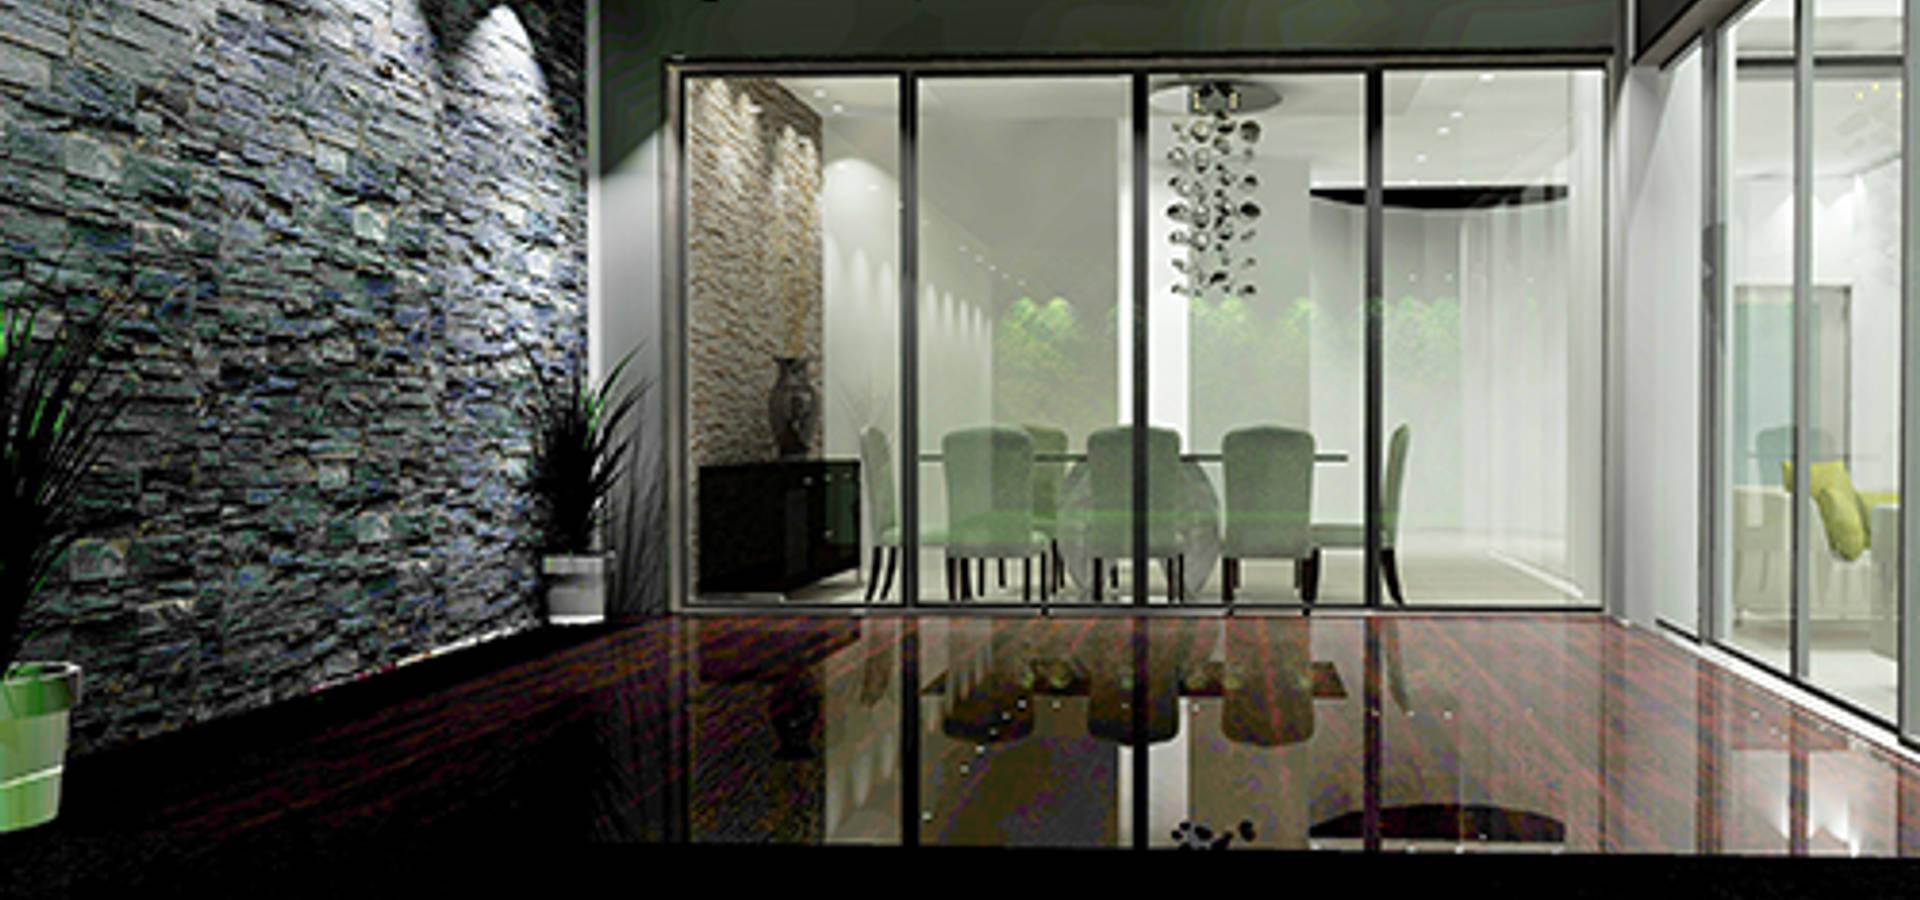 Diseño Oficinas Modernas von casas eco constructora   homify